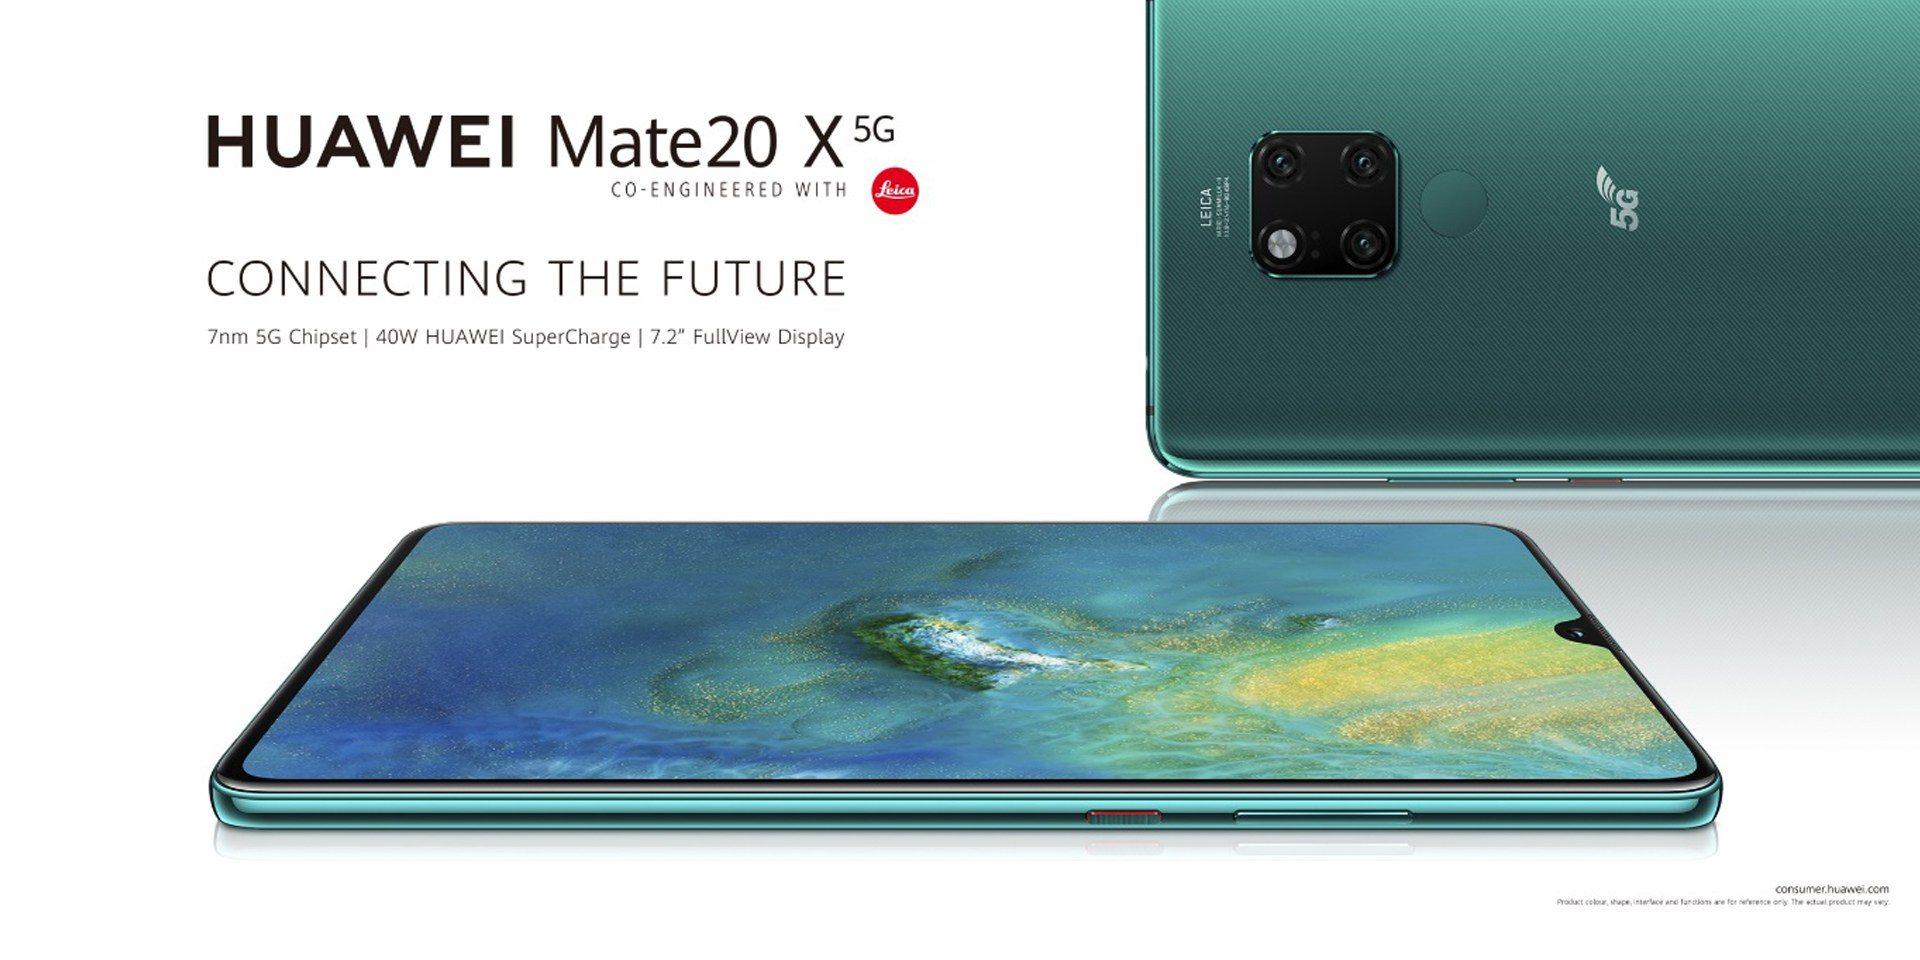 review hp android huawei mate 20x5g » Spesifikasi Lengkap Ponsel Android Terbaru Huawei Mate 20 X 5G